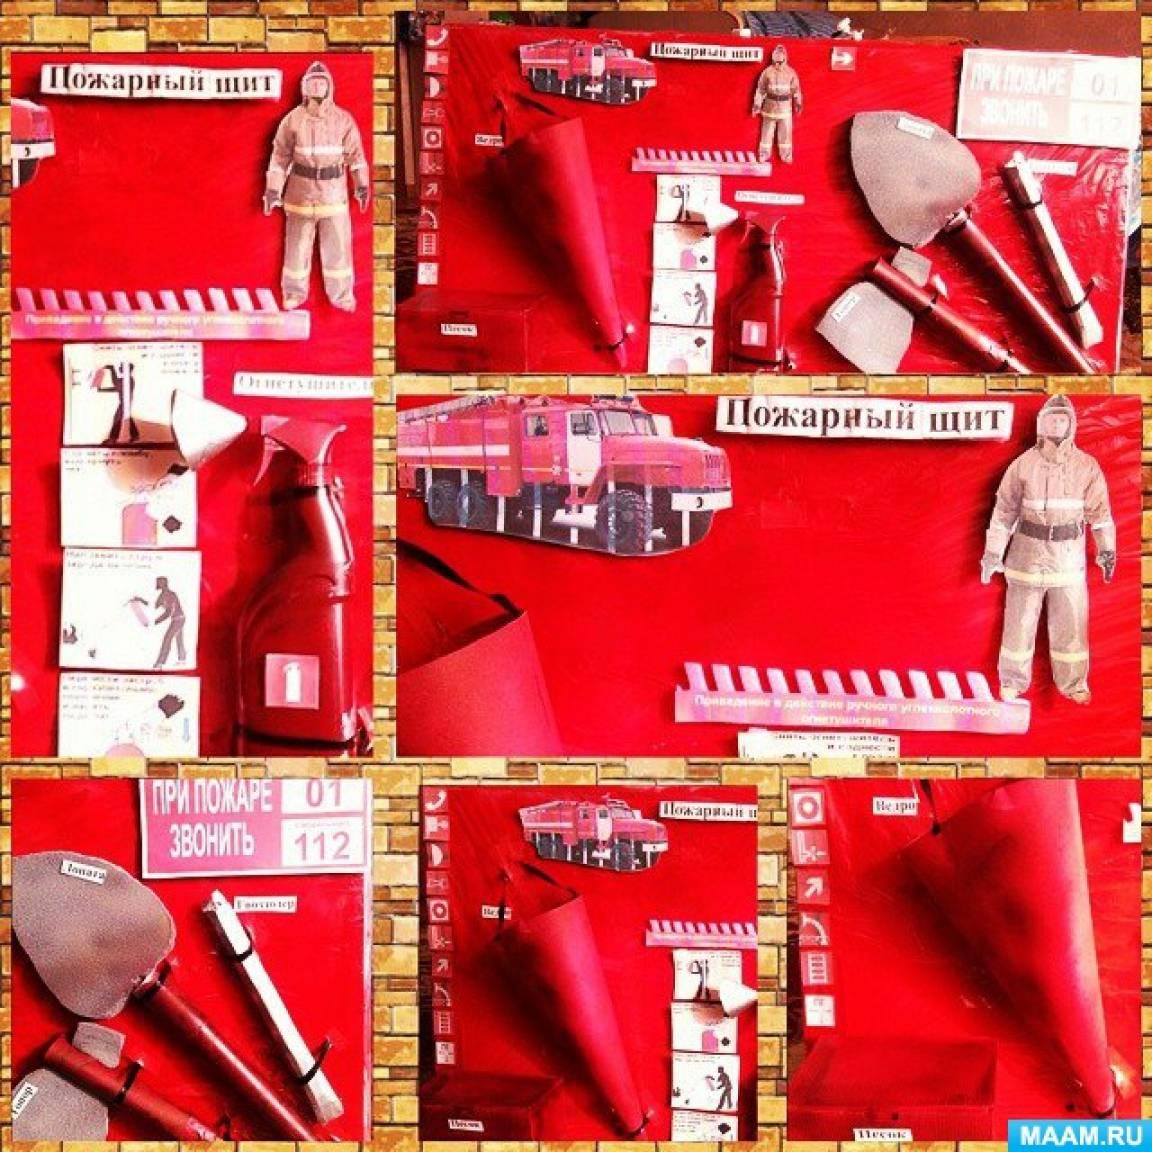 Макет пожарный щит для детского сада своими руками 51